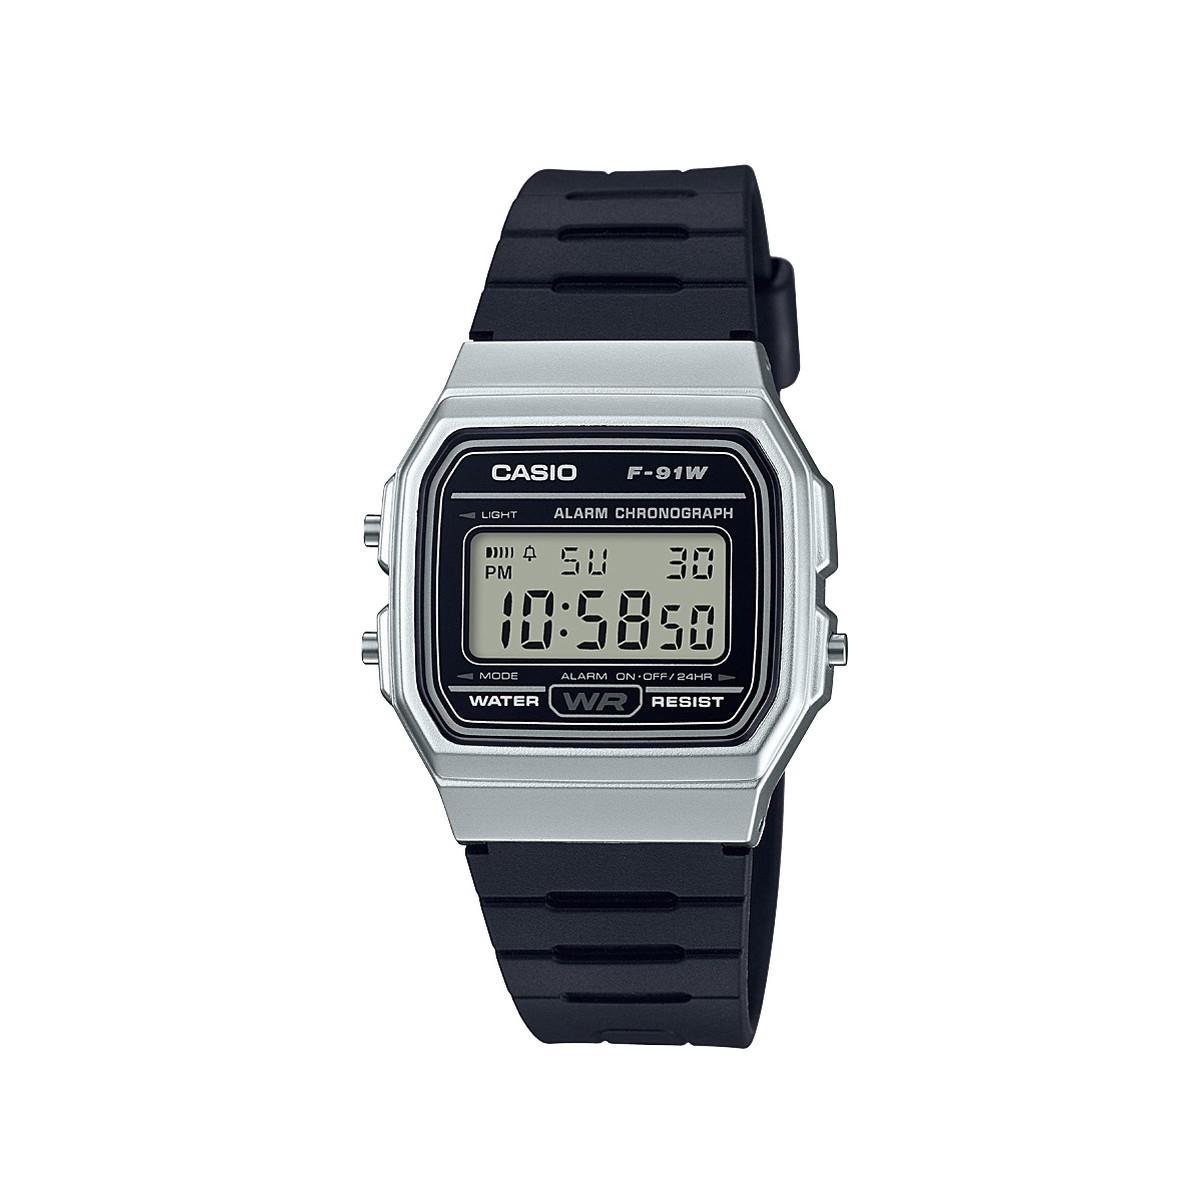 Montre Casio Couleur Or à montre casio homme chronographe résine noire - homme - modèle f-91wm